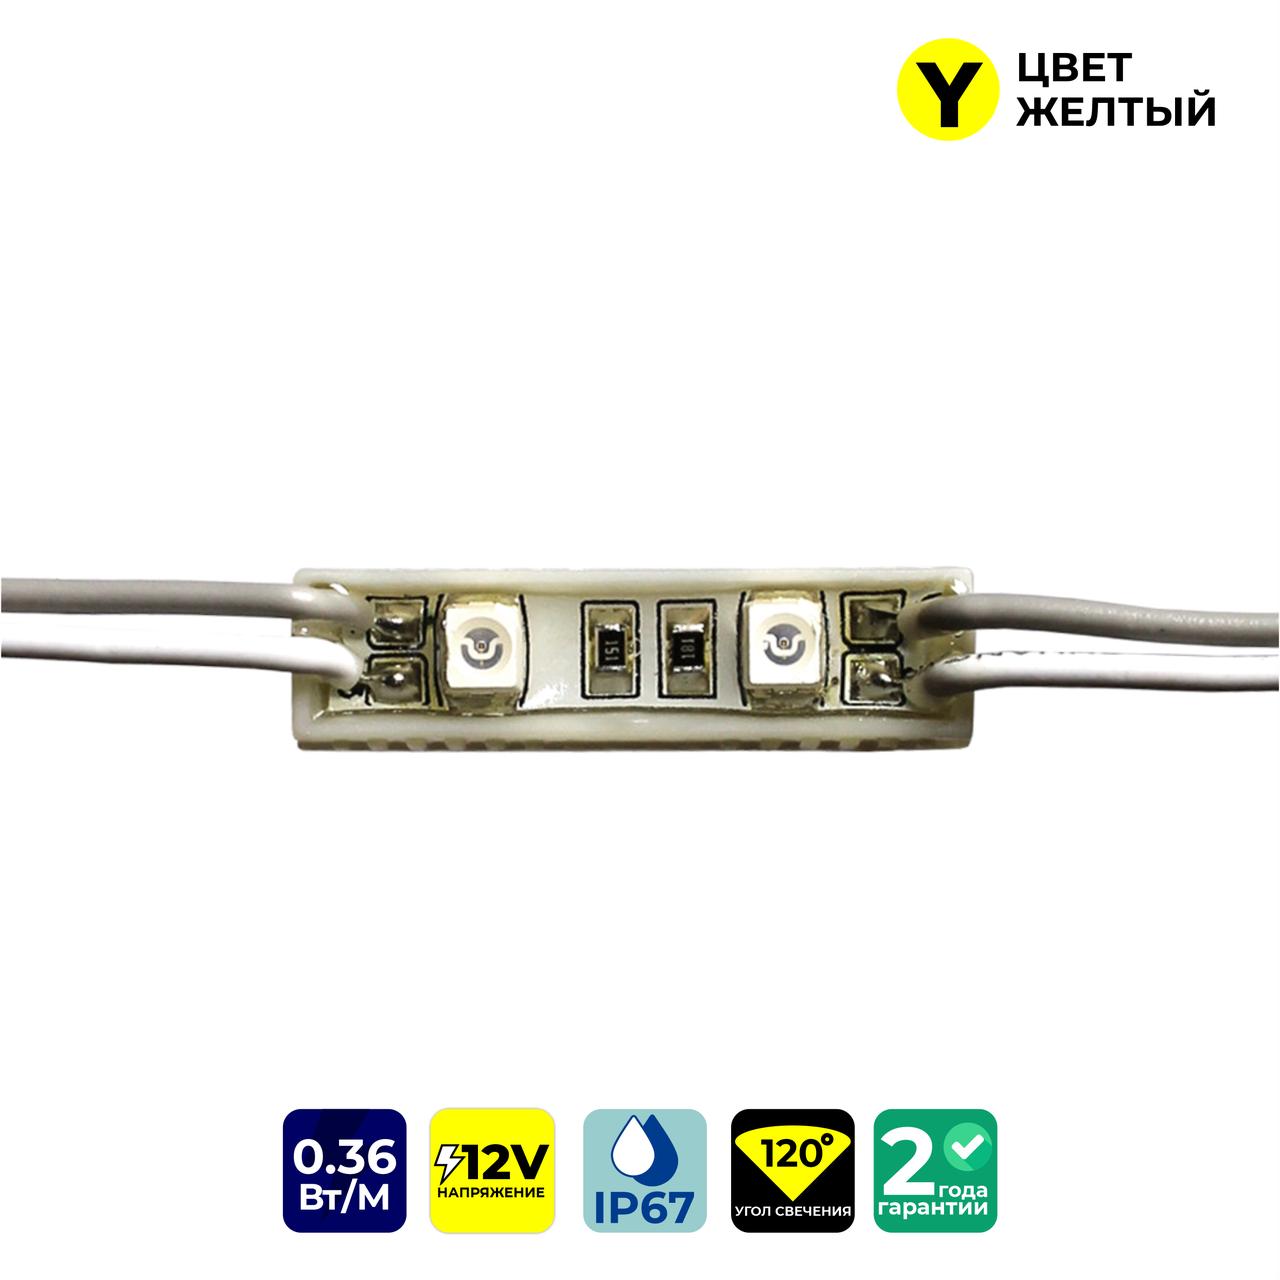 Светодиодные модули FT0524Y2SMD2835 (IP67) 0,36W, цвет - желтый